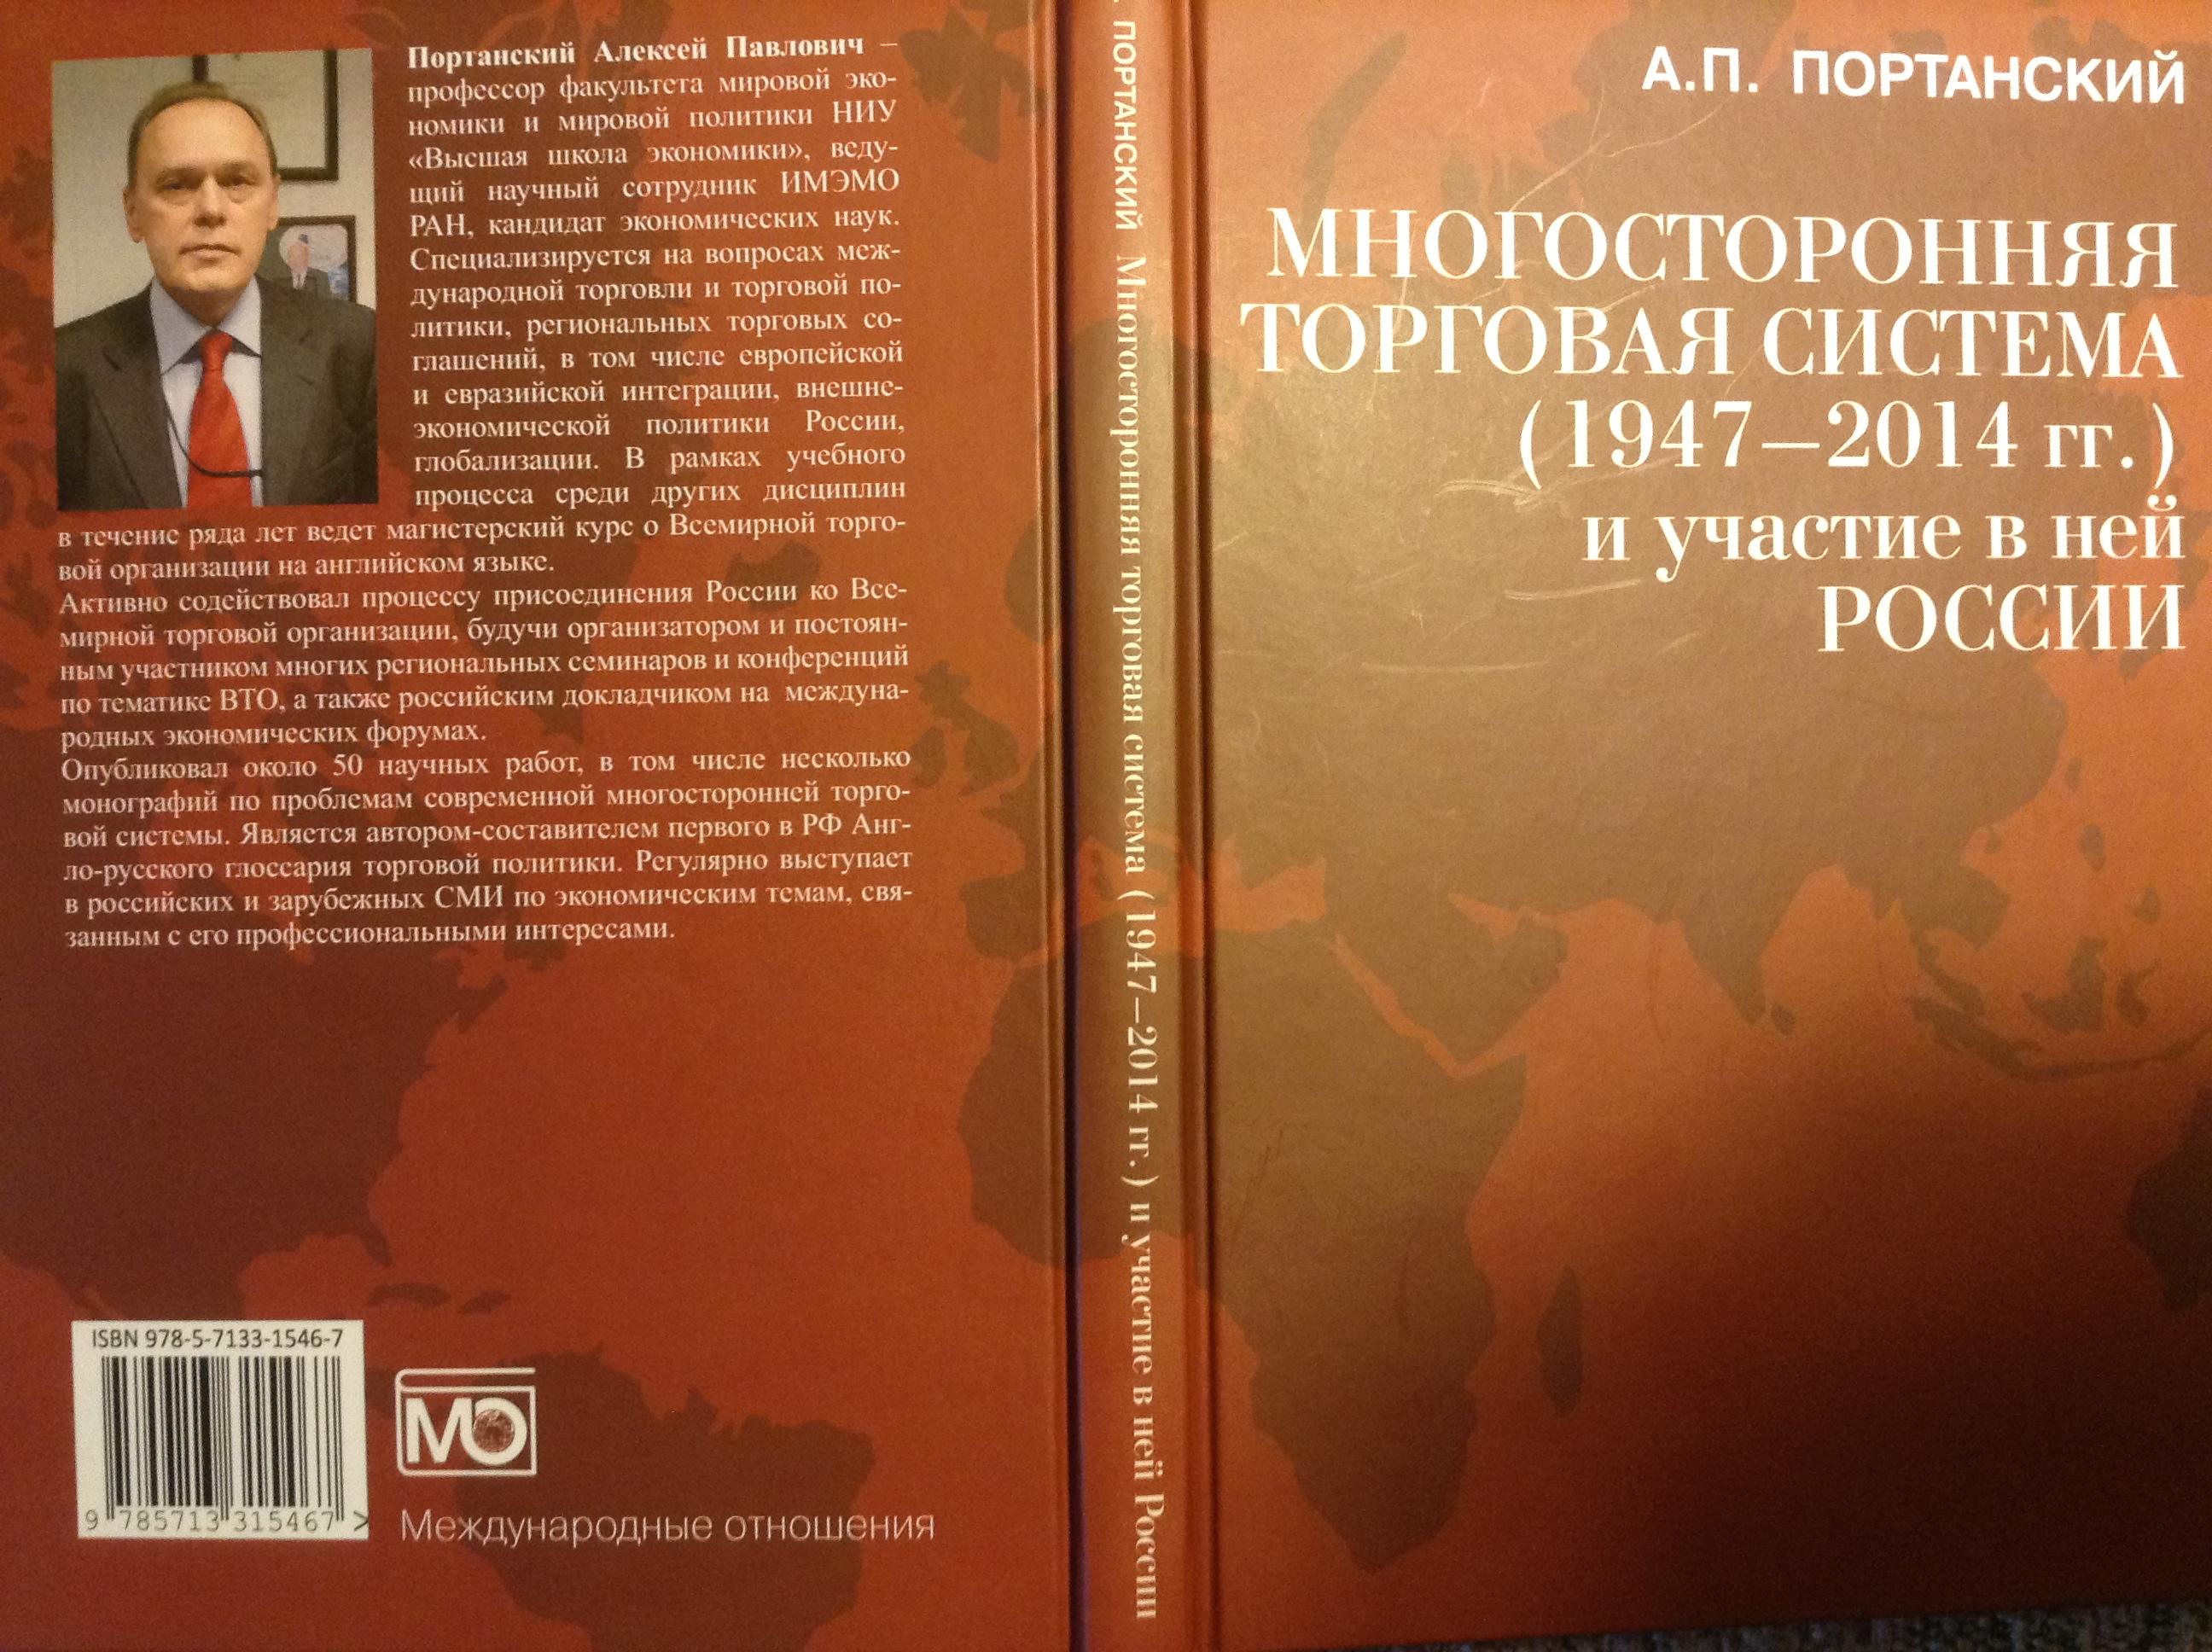 Многосторонняя торговая система (1947-2014 гг.) и участие в ней России